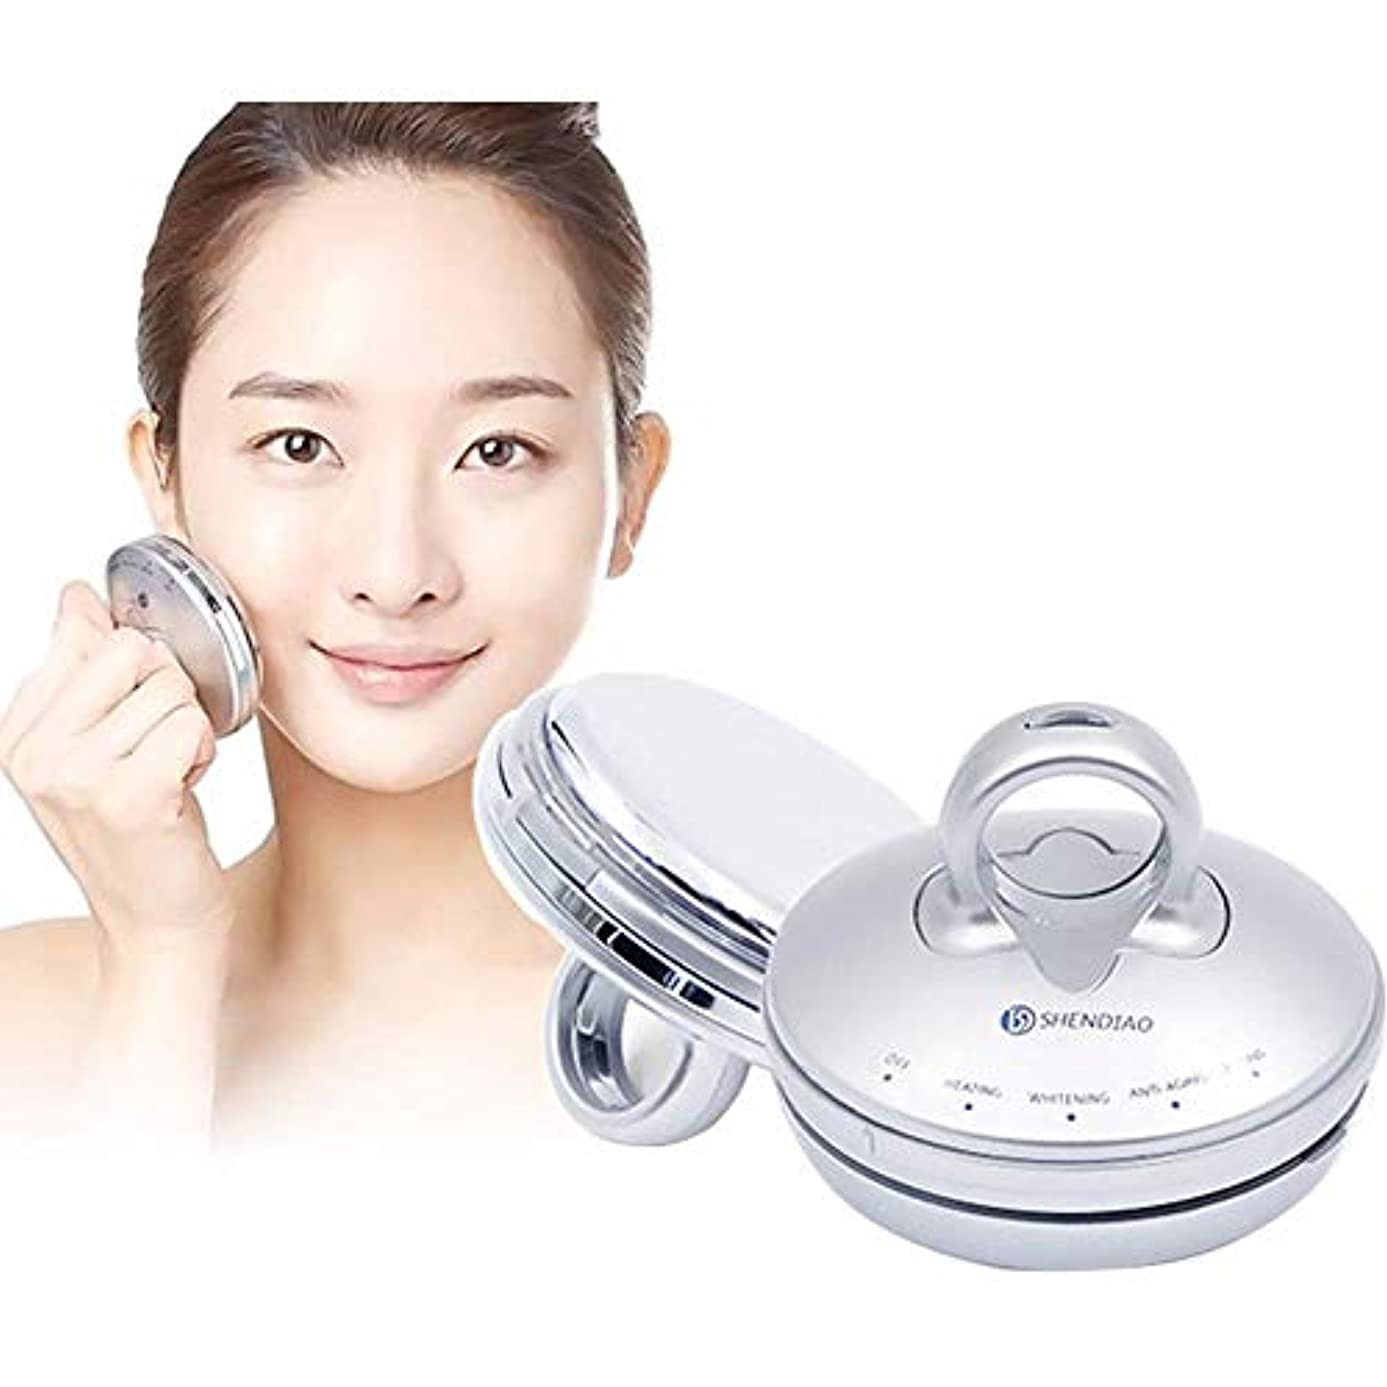 美のマッサージャー、顔のマッサージャーの振動美装置の顔のしわのスキンケアの上昇の反老化の白くなるマッサージャー